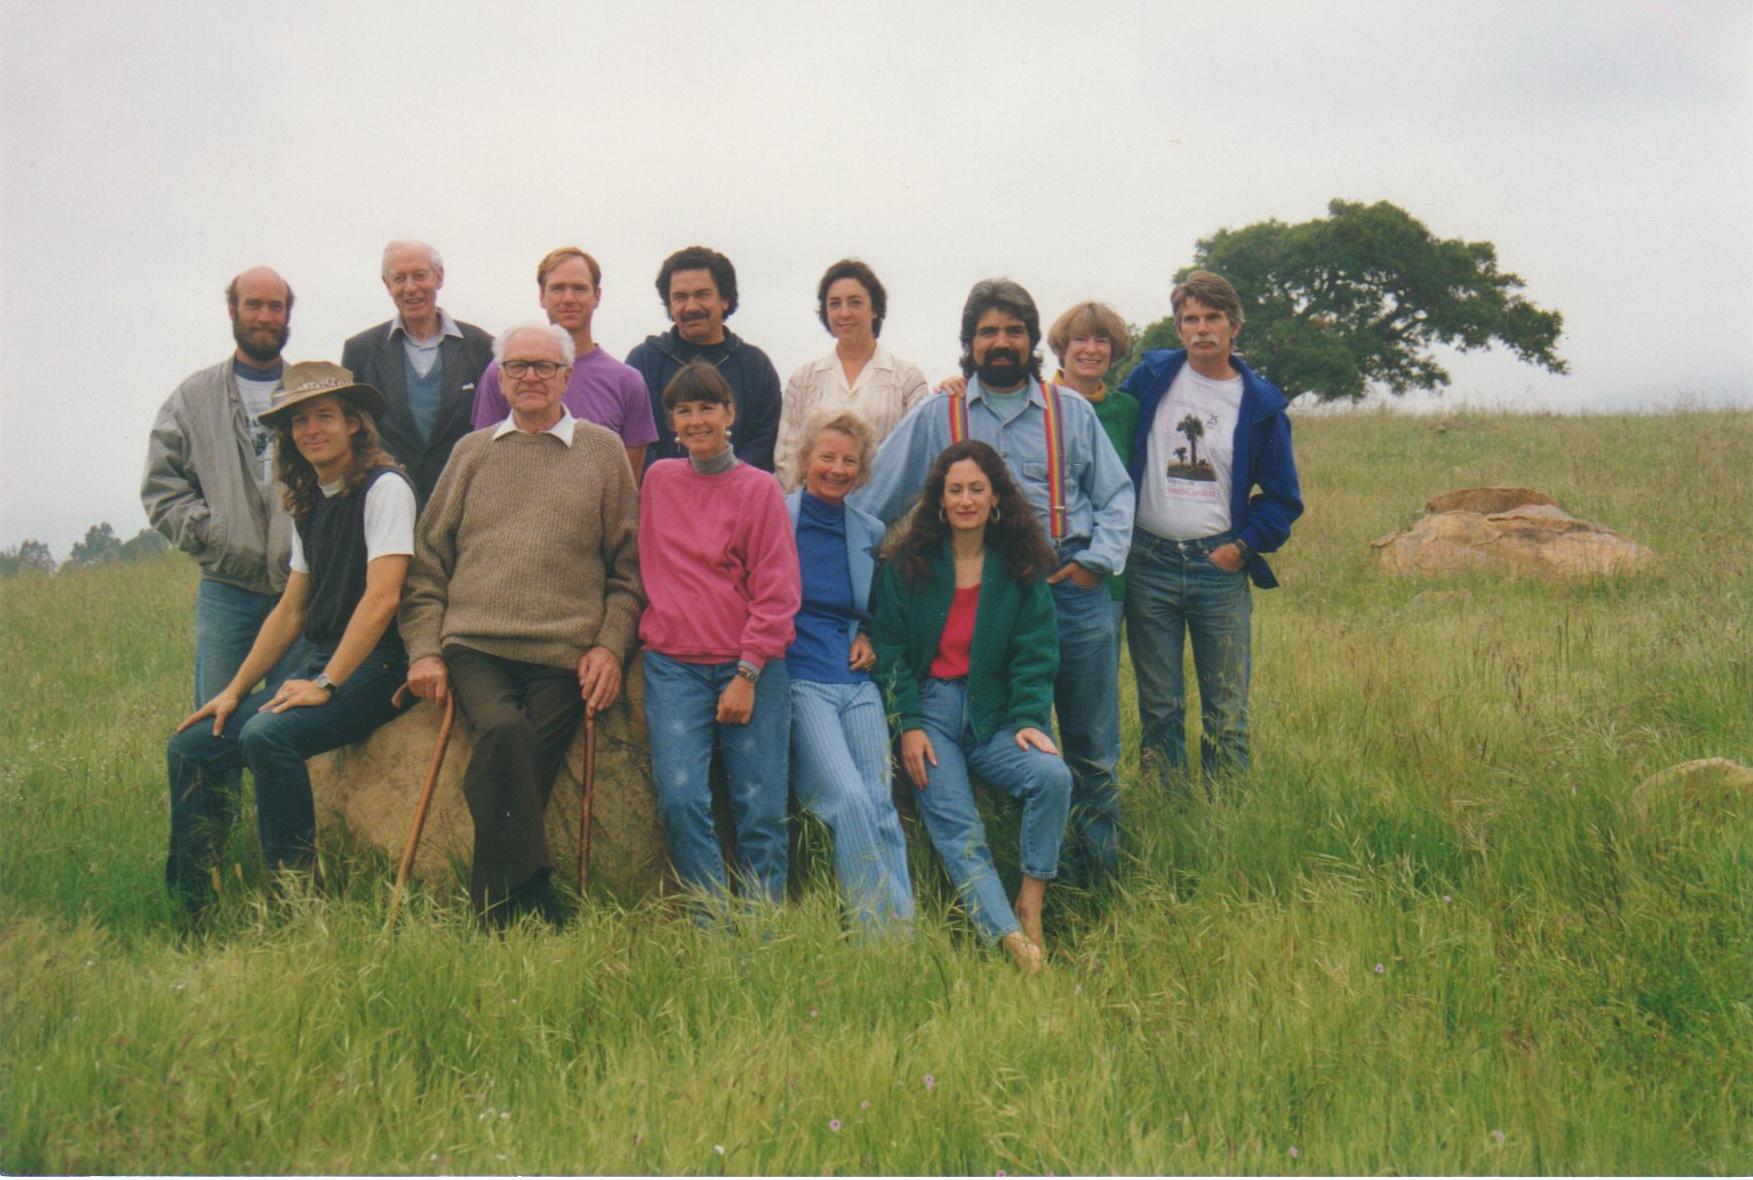 Oak Group Portrait in the Cow Fields, photo, Wm. B. Dewey